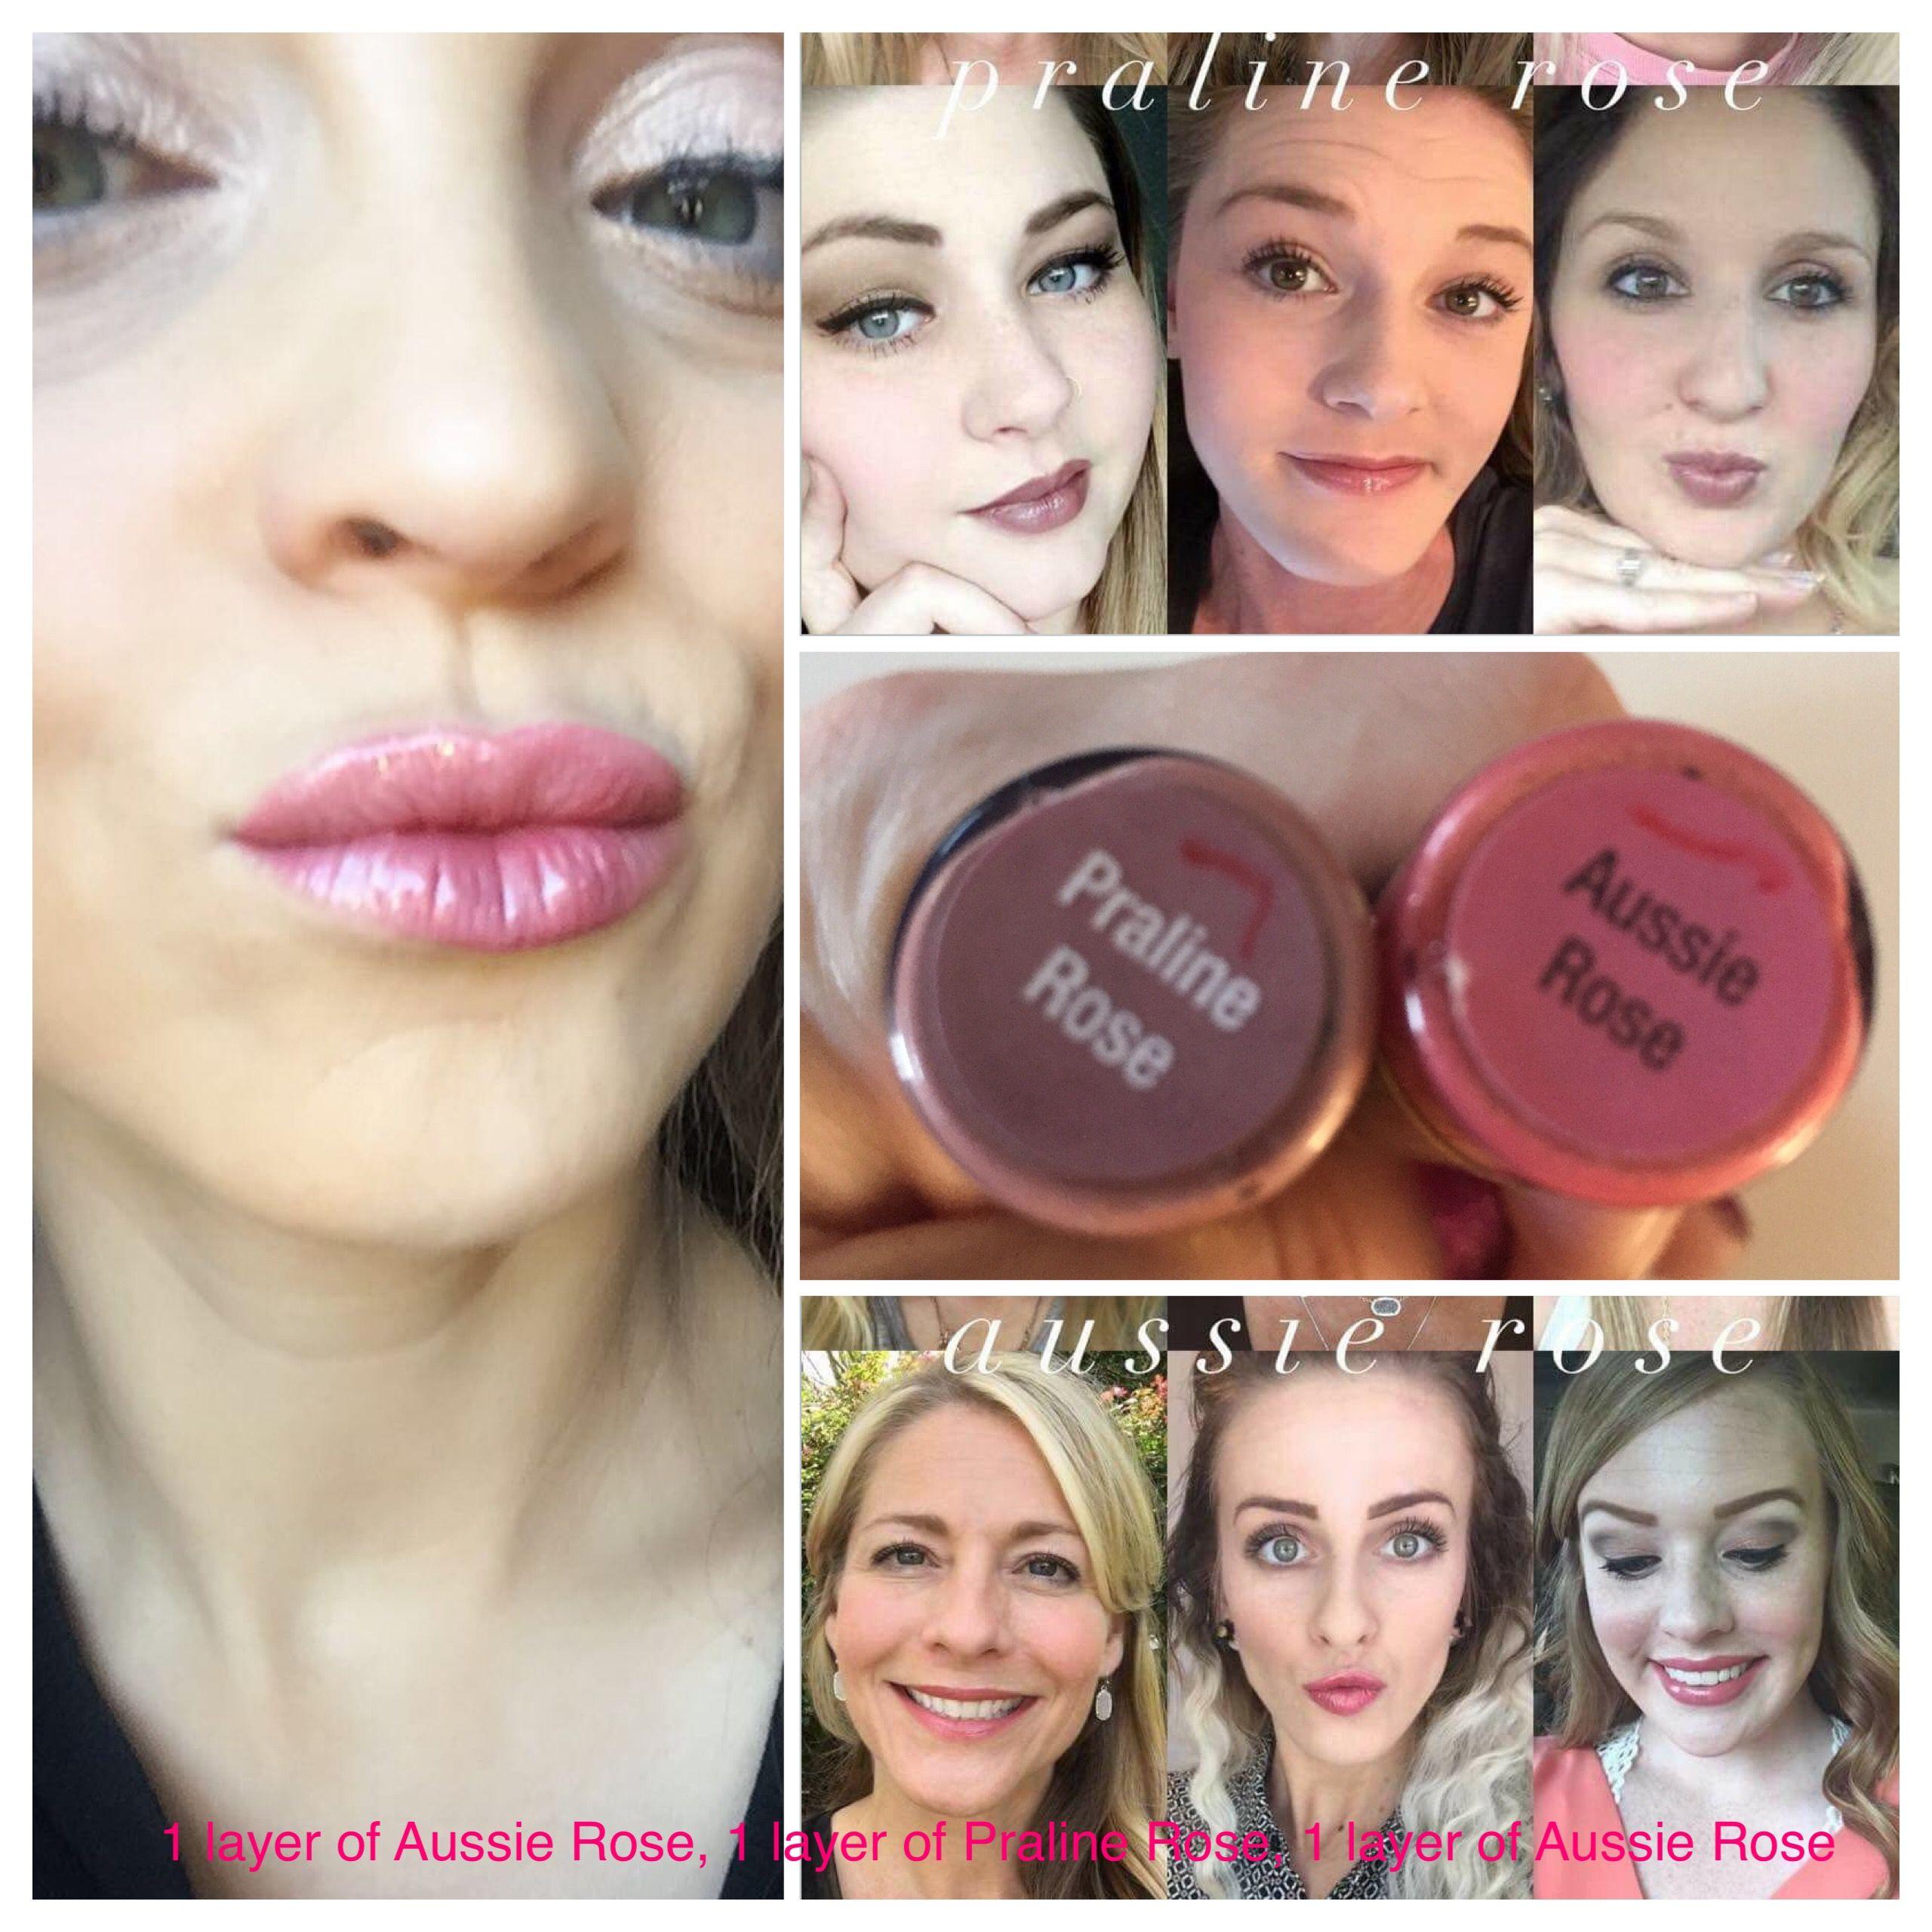 Rose Gold Lipsense Lip Gloss Hairstyle